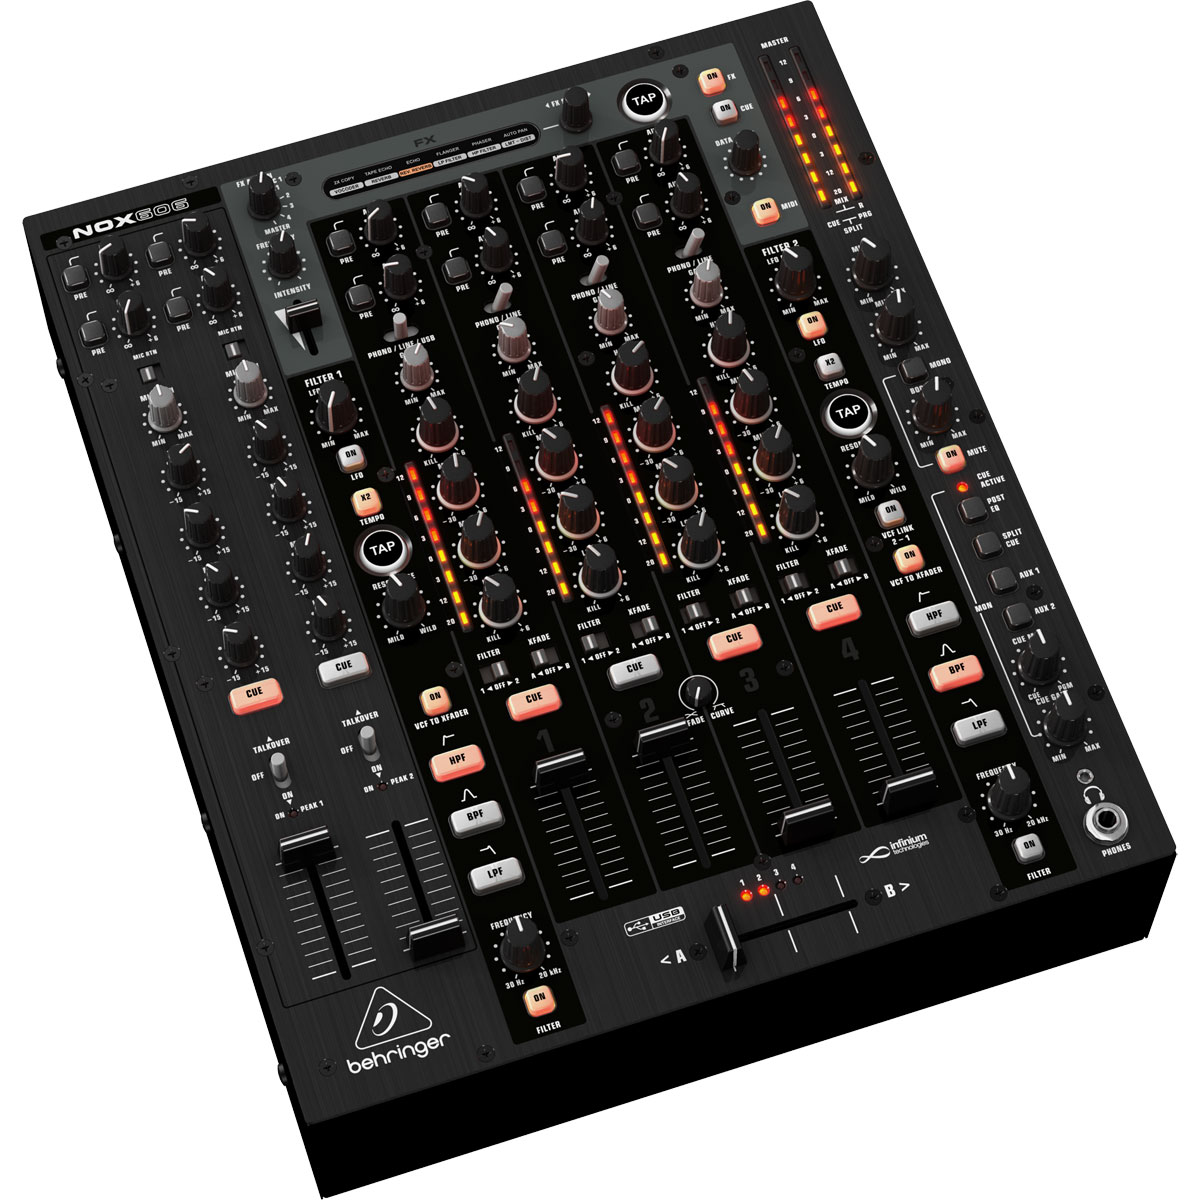 NOX606 - Mixer Dj 6 Canais NOX 606 - Behringer